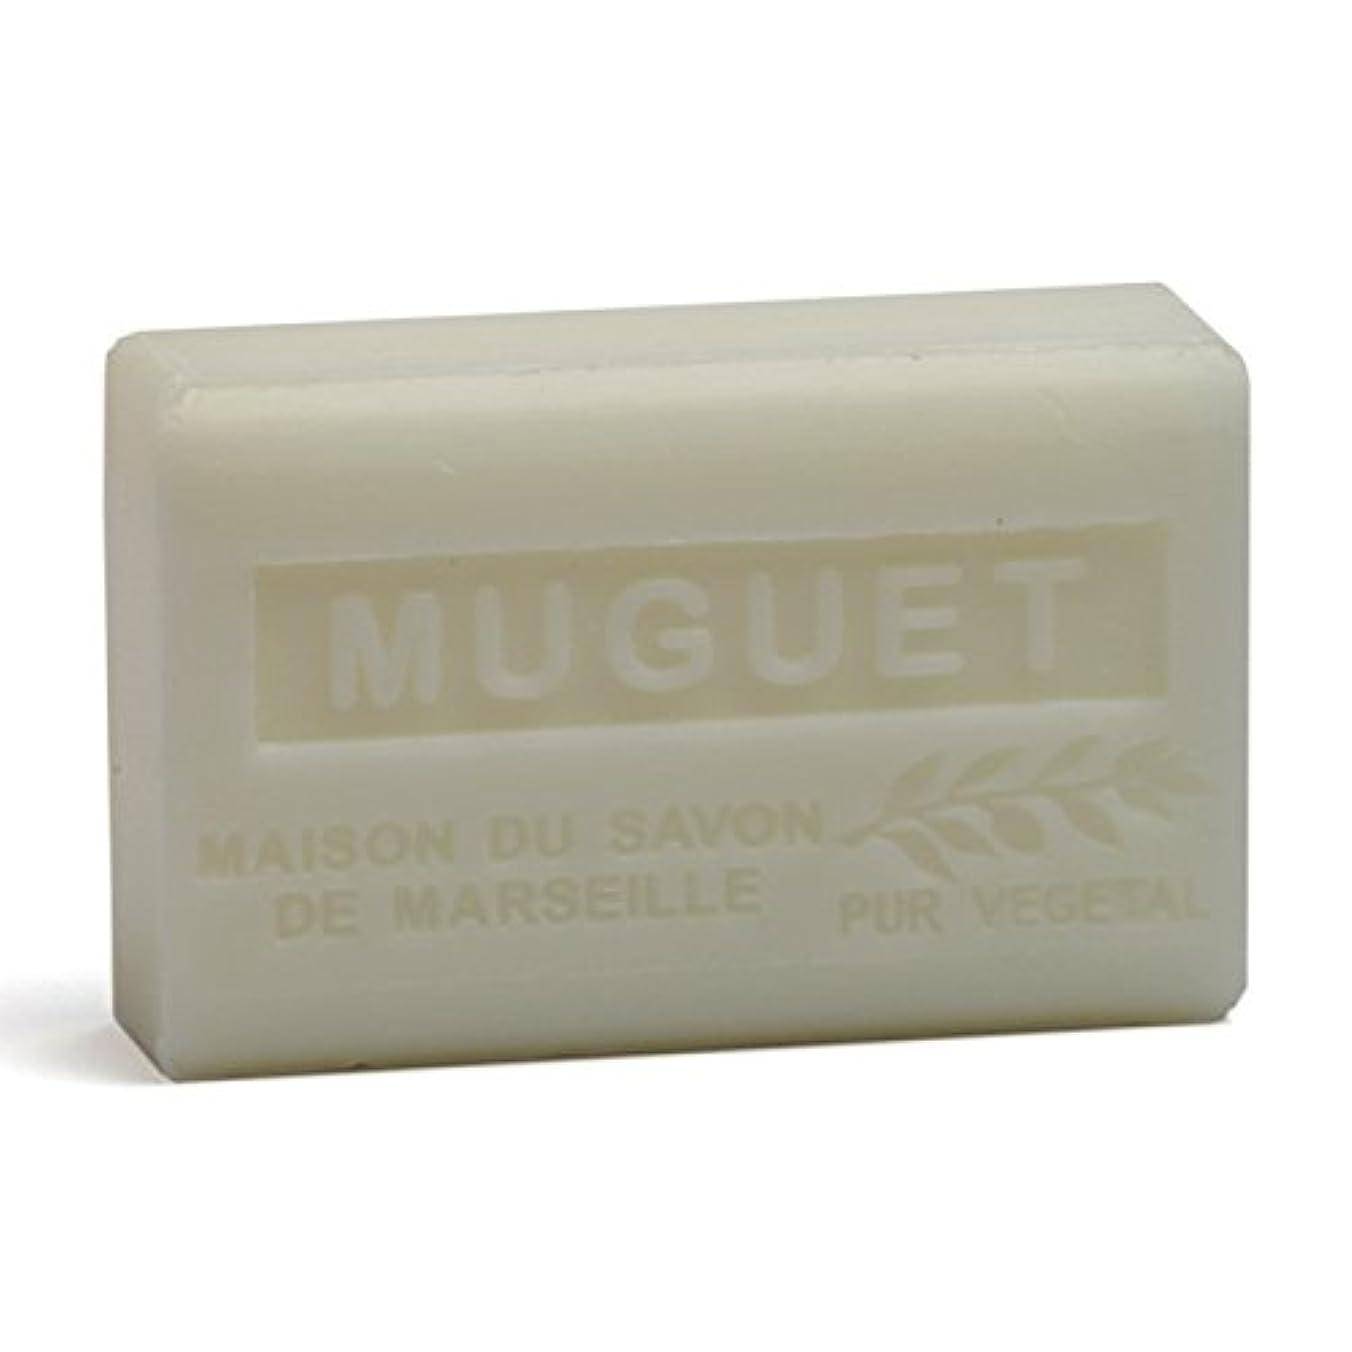 こんにちは側溝トロピカルSavon de Marseille Soap Lily of the Valley Shea Butter 125g